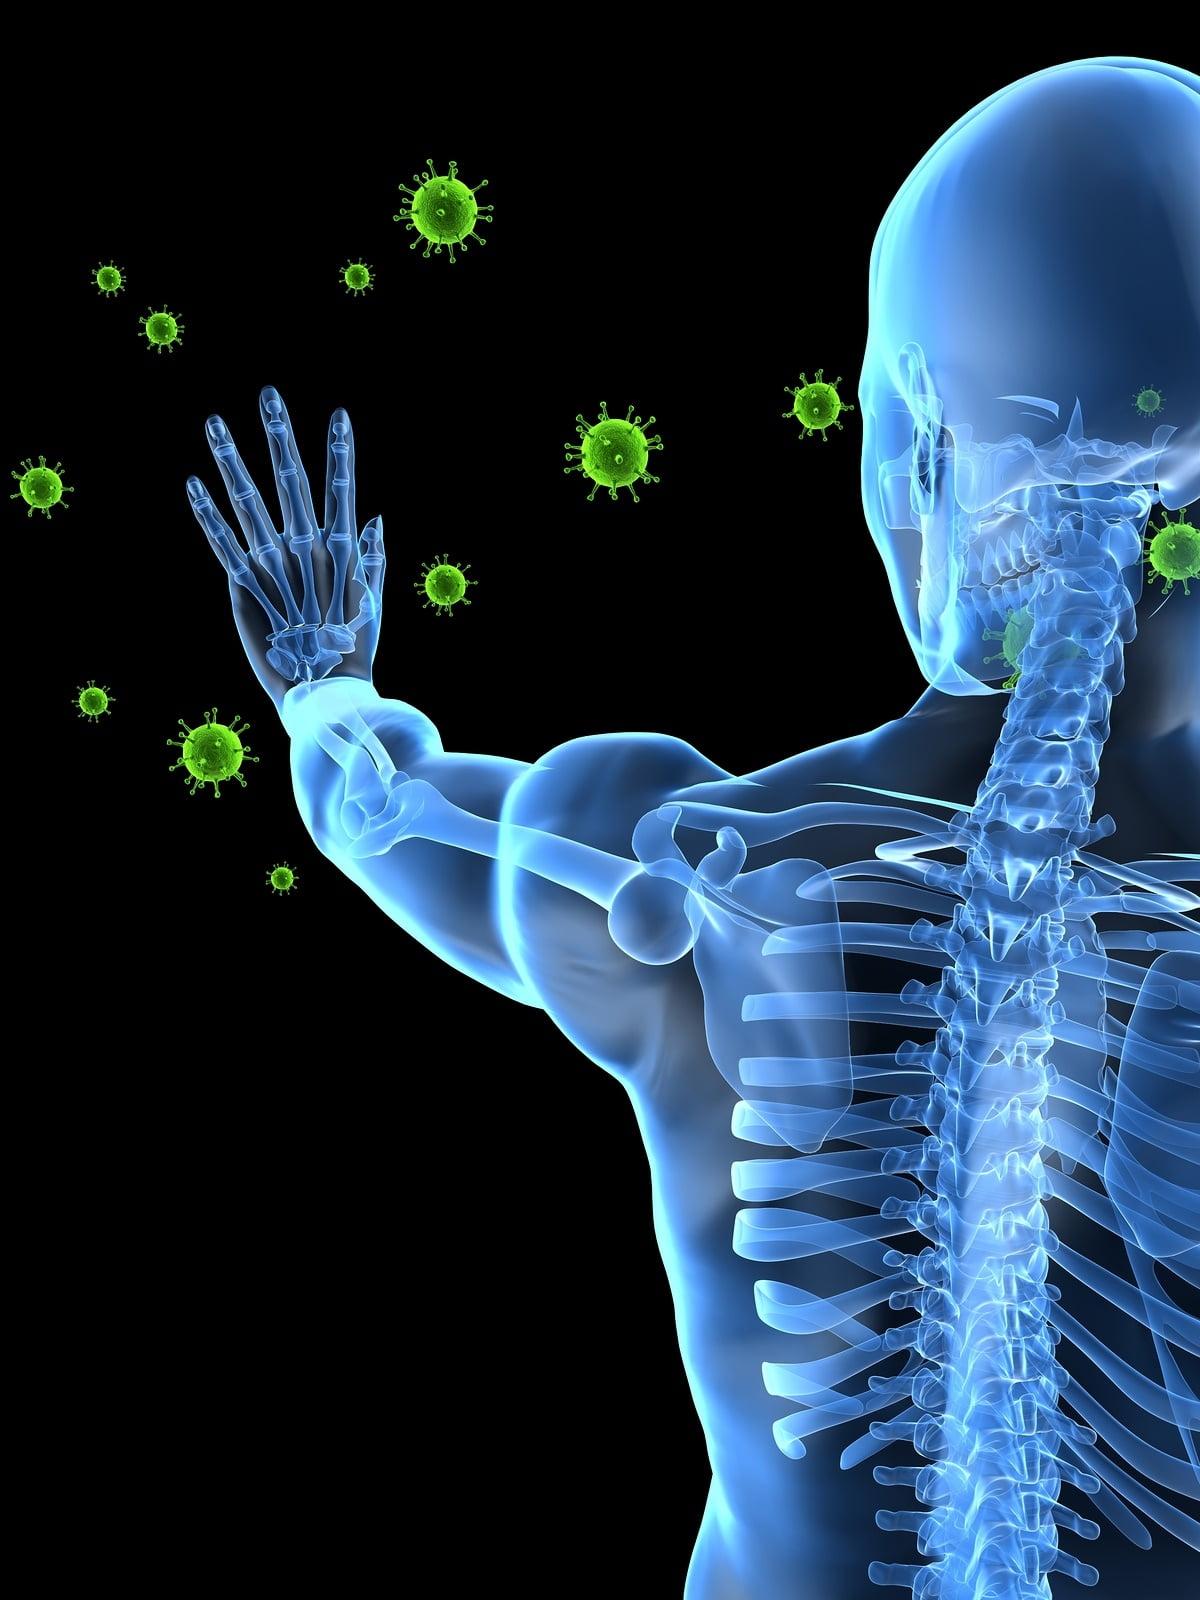 ۱۰ بیماری و مشکل سیستم ایمنی ضعیف